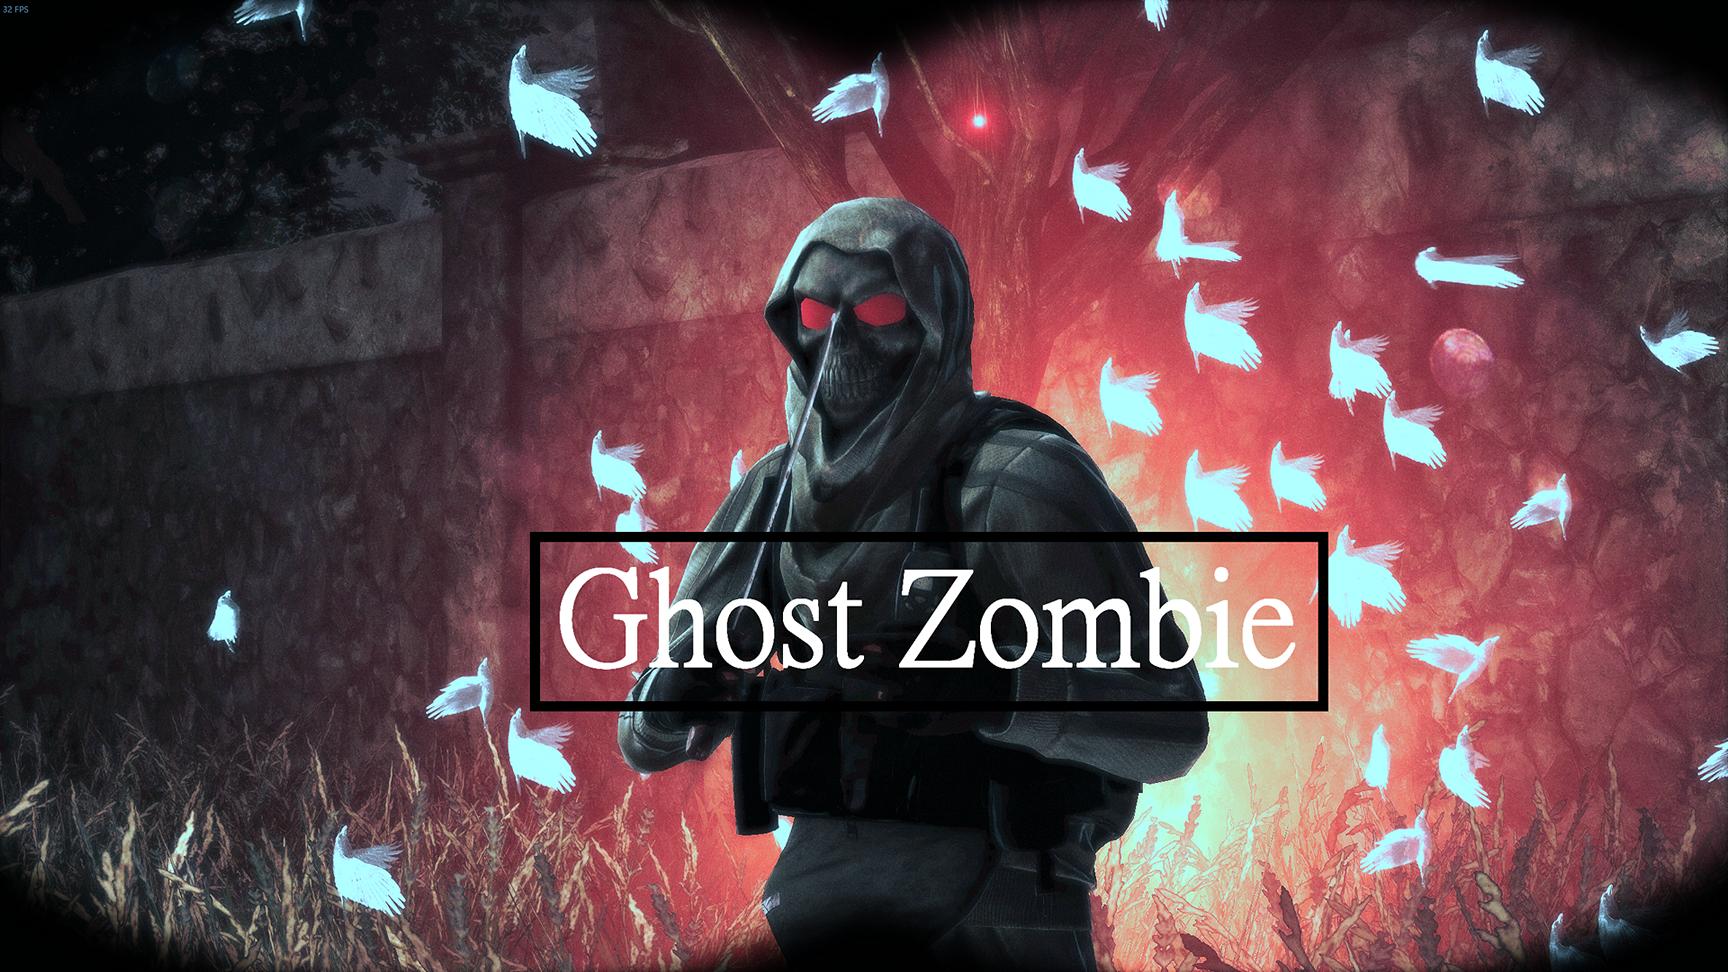 ghostzombie